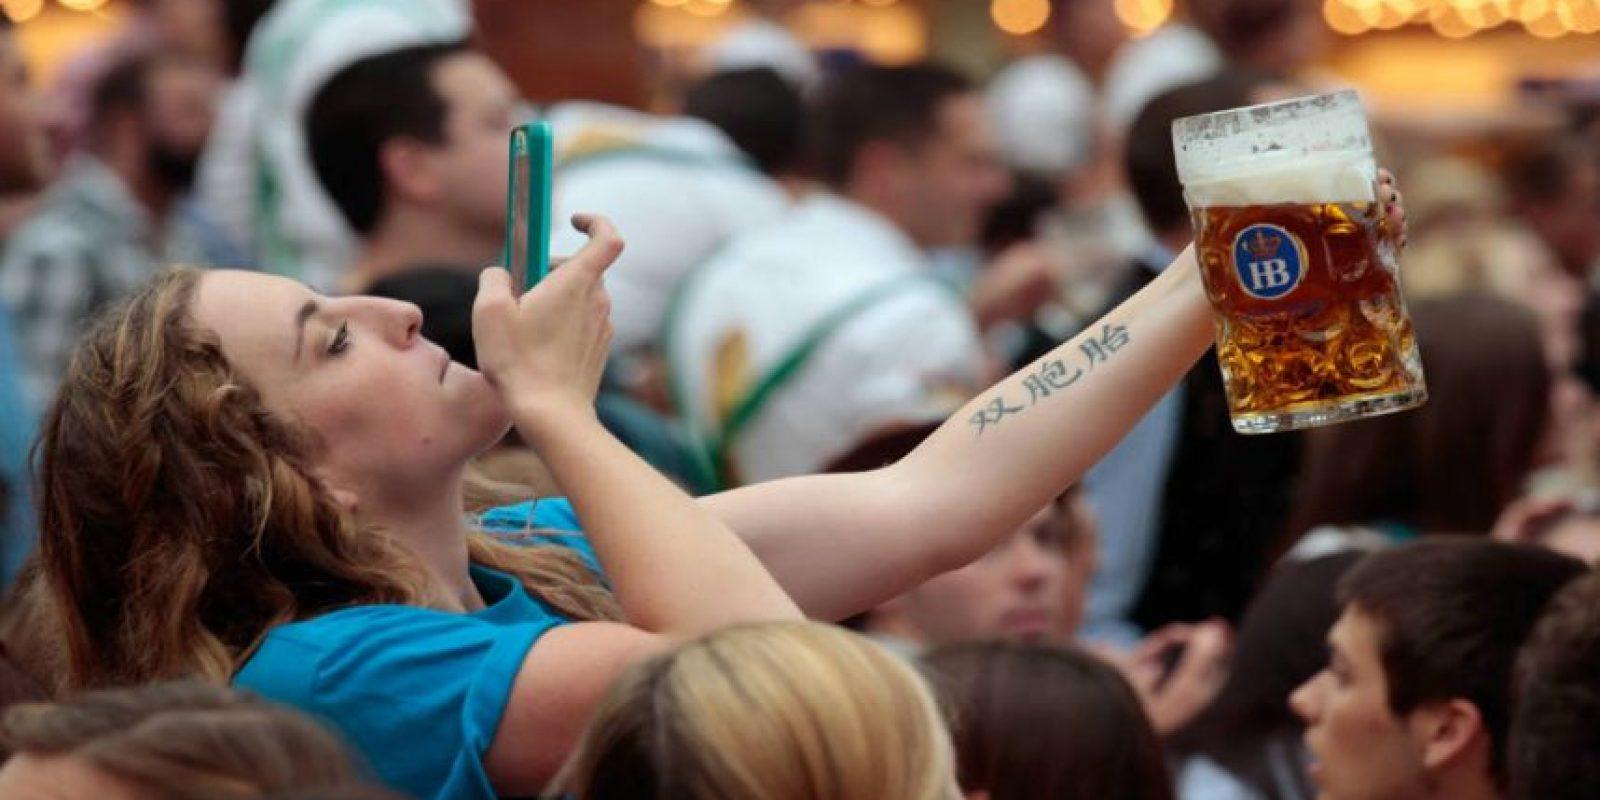 Ya sea para fotos o estar mandando mensajes, todos usamos nuestro celular mientras bebemos. Foto:Getty Images